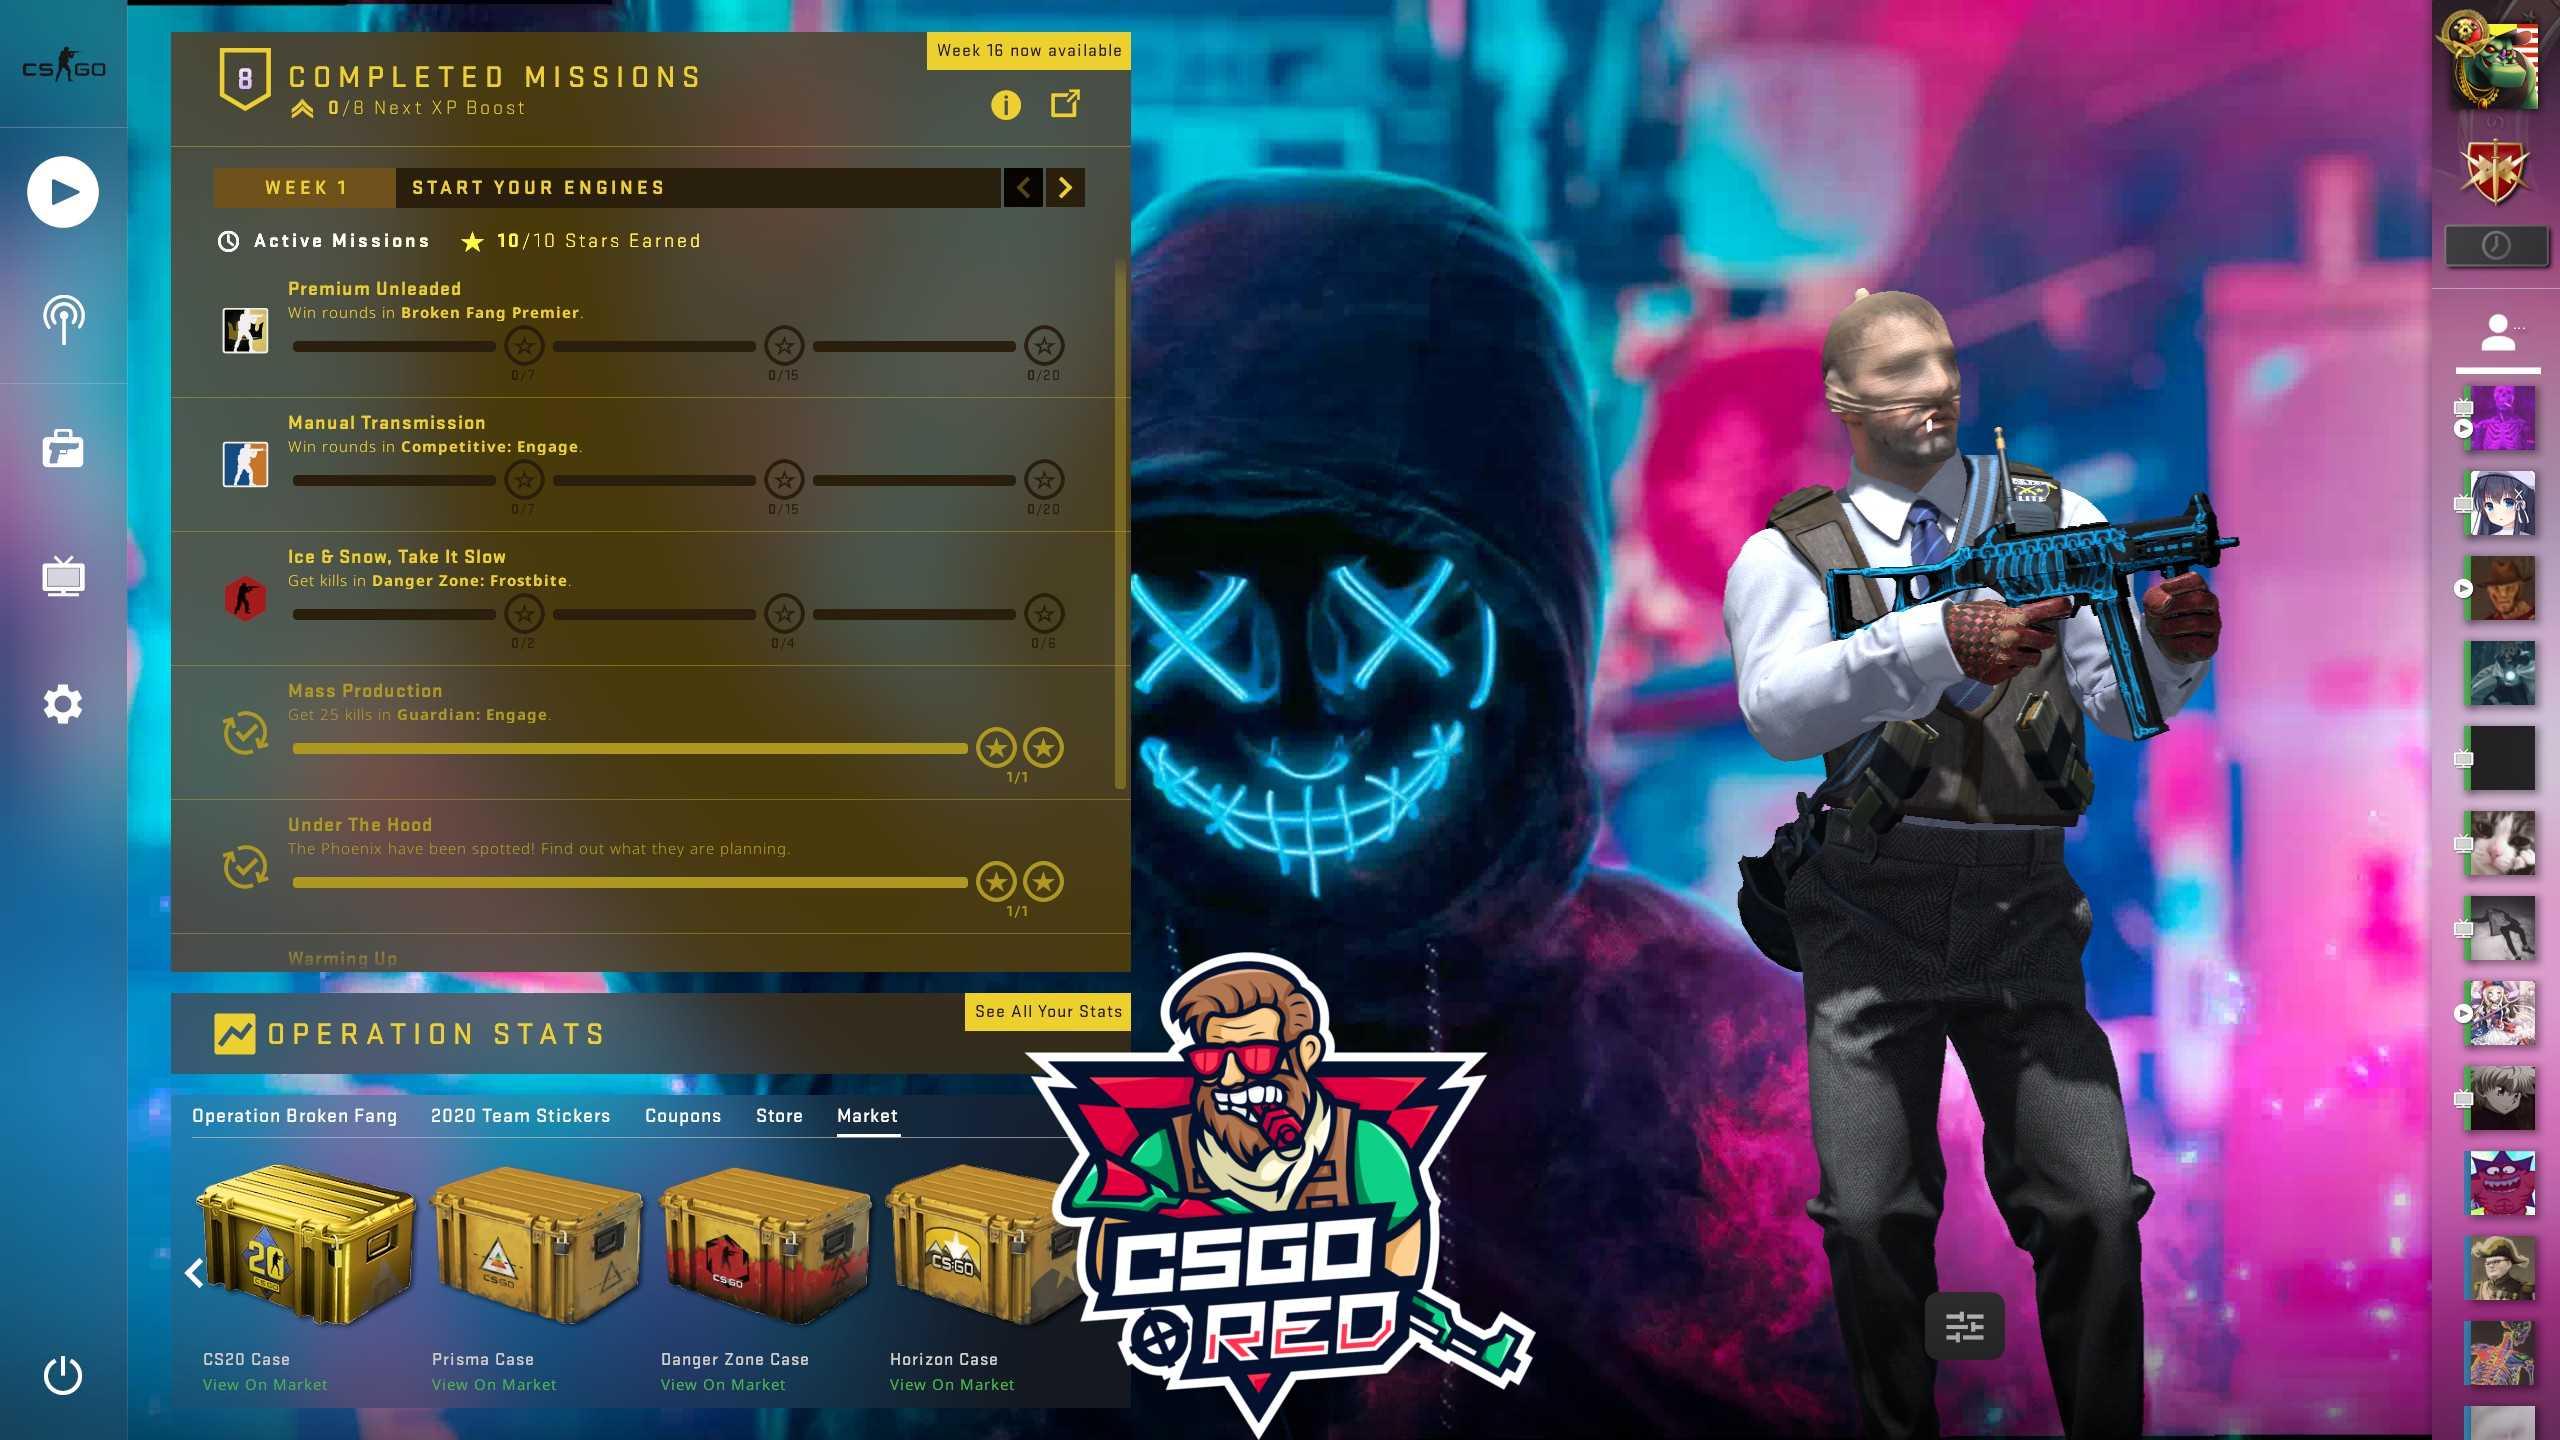 Neon Masked Guy CSGO Panorama UI Background